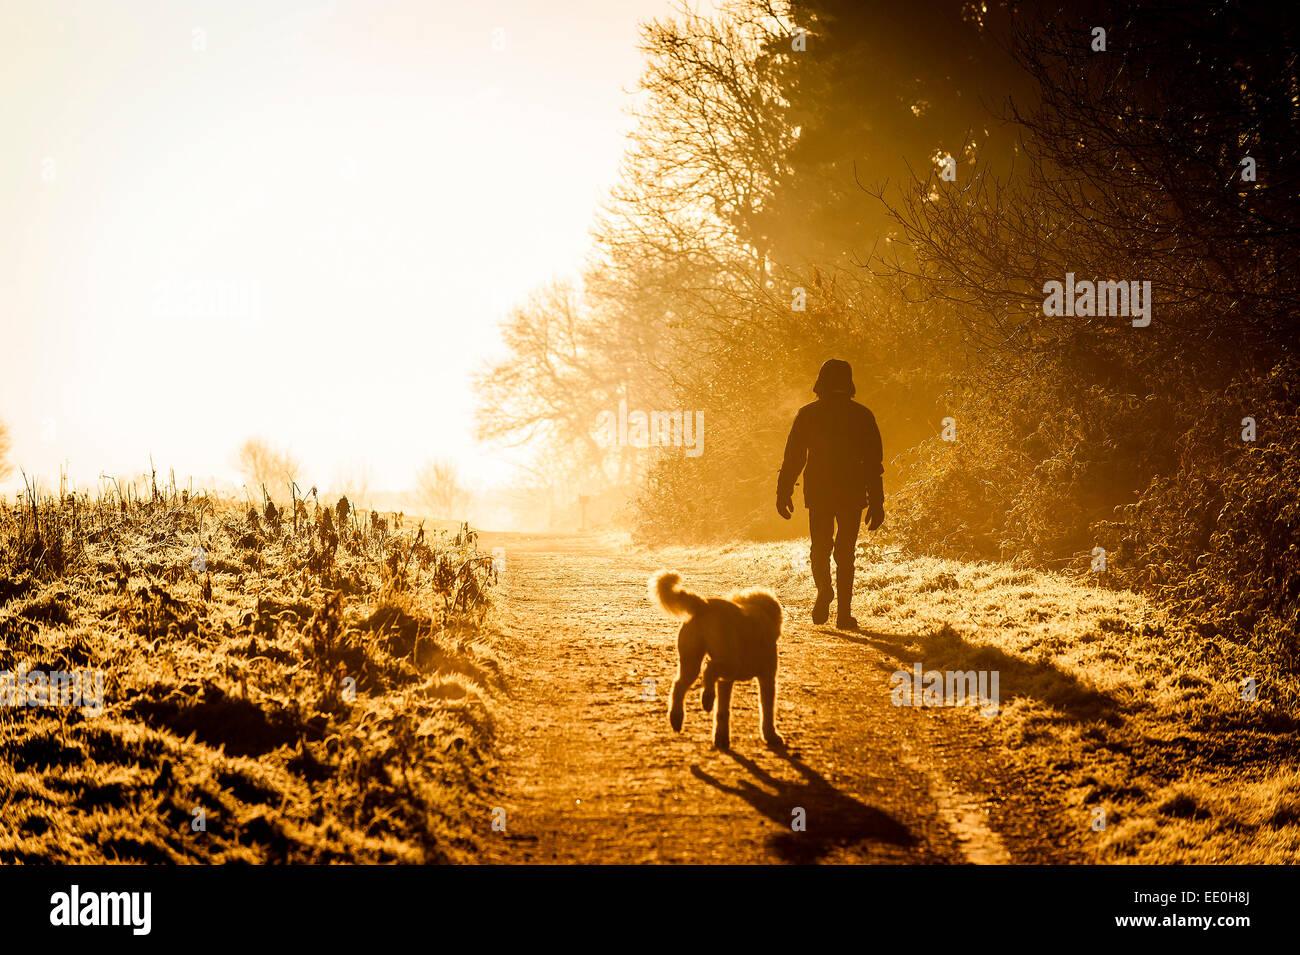 Un uomo che cammina il suo cane nella luce del sole intensa di un inizio di mattina sunrise a Thorndon Park in Essex. Immagini Stock